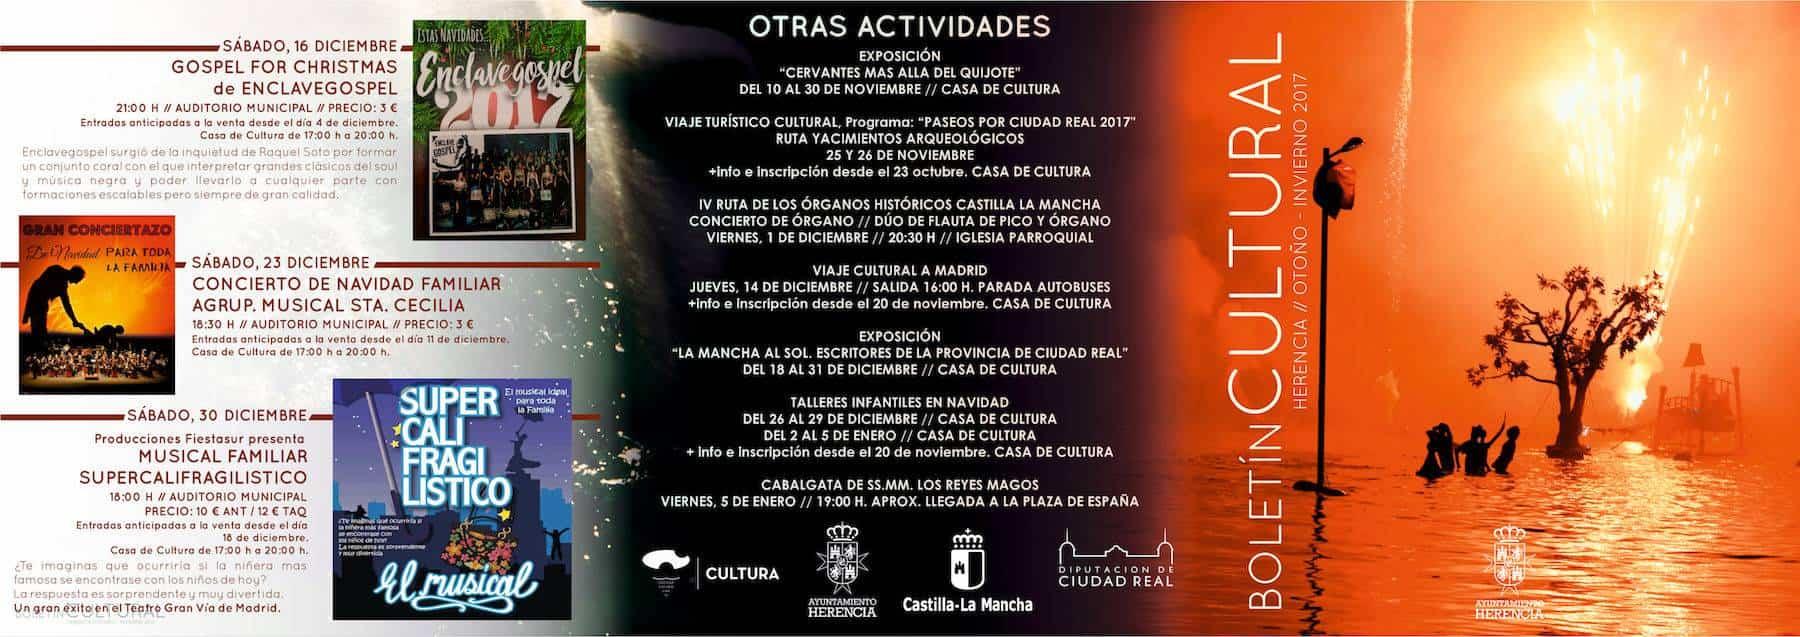 triptico otono invierno 2017 herencia 1 - El Auditorio de Herencia estrena nueva temporada con 12 espectáculos de estilos diferentes